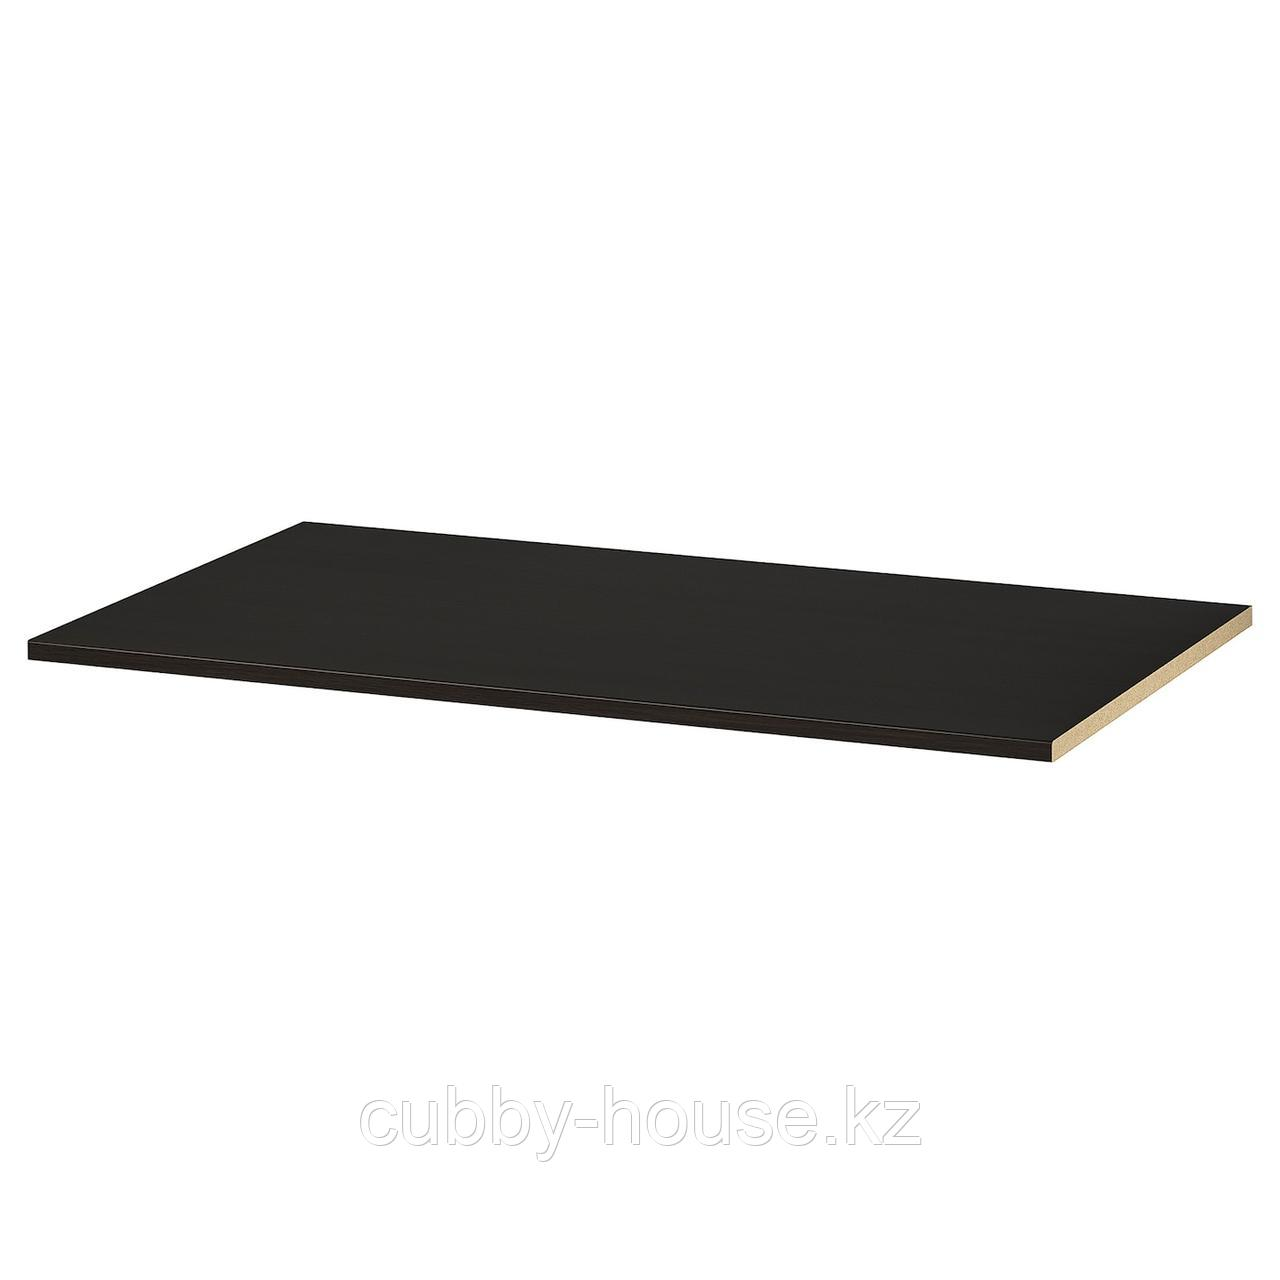 КОМПЛИМЕНТ Полка, черно-коричневый, 100x35 см